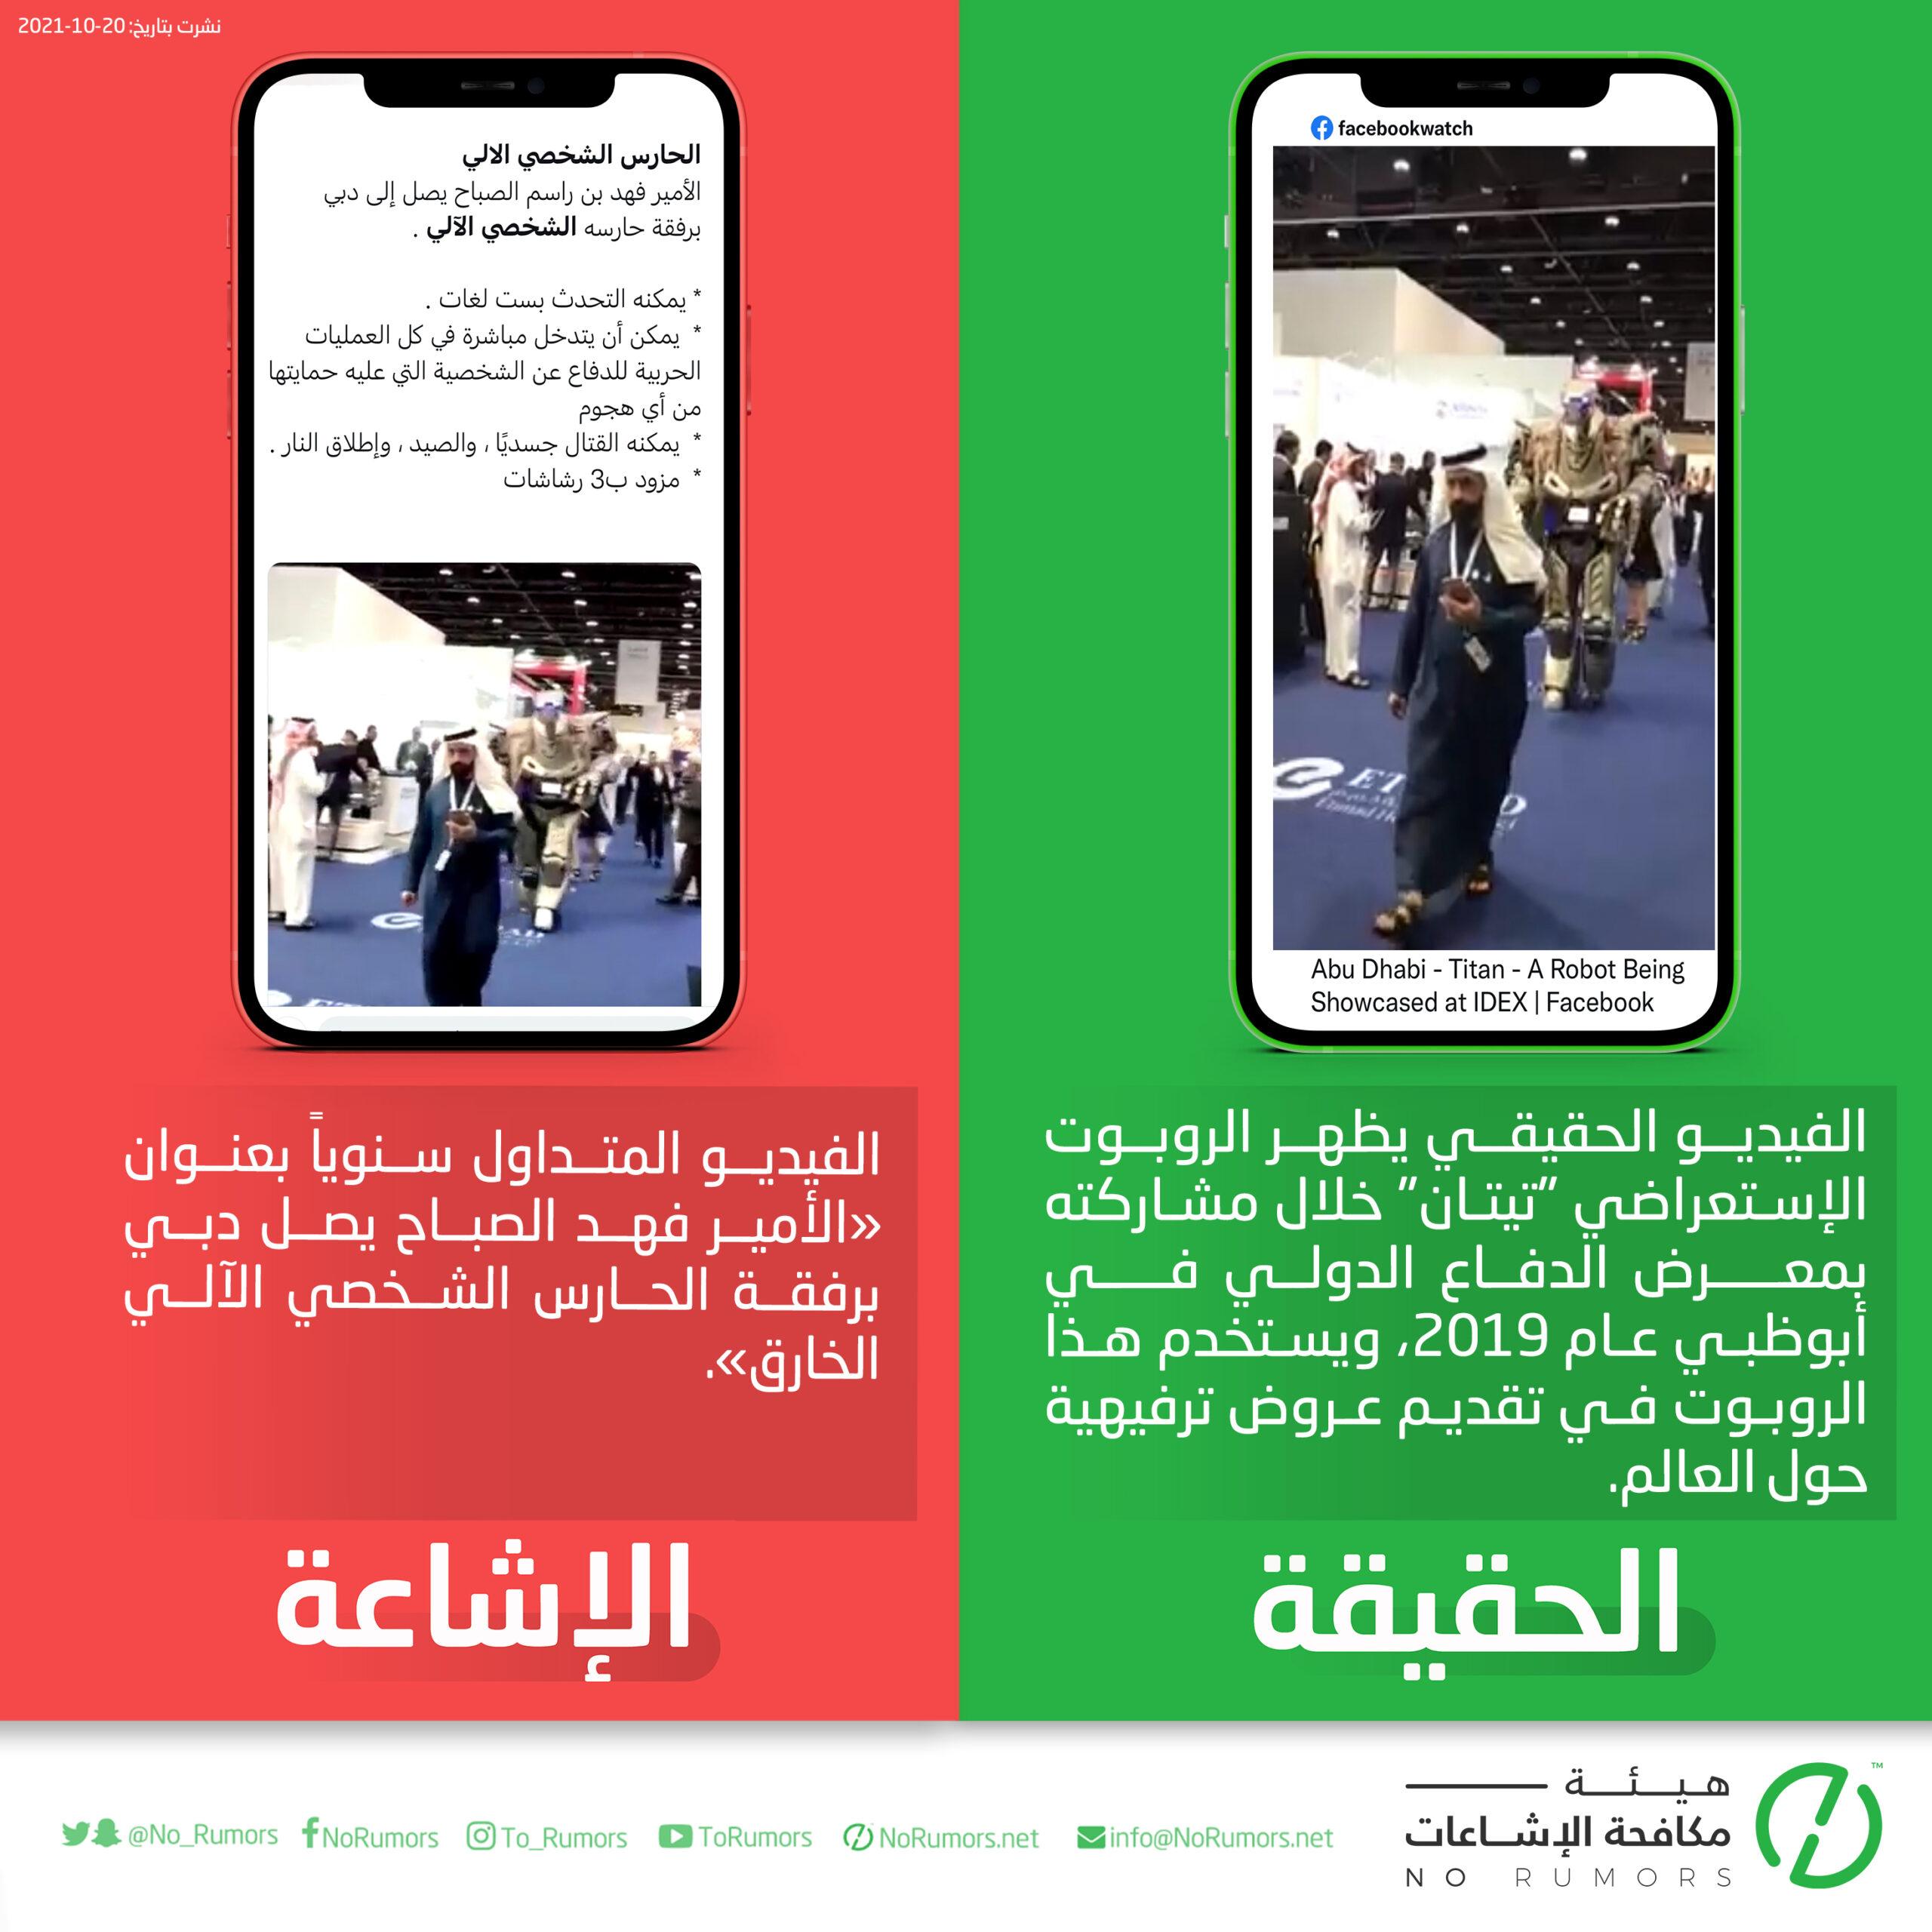 حقيقة الفيديو المتداول بعنوان «الأمير فهد الصباح يصل دبي برفقة الحارس الشخصي الآلي»